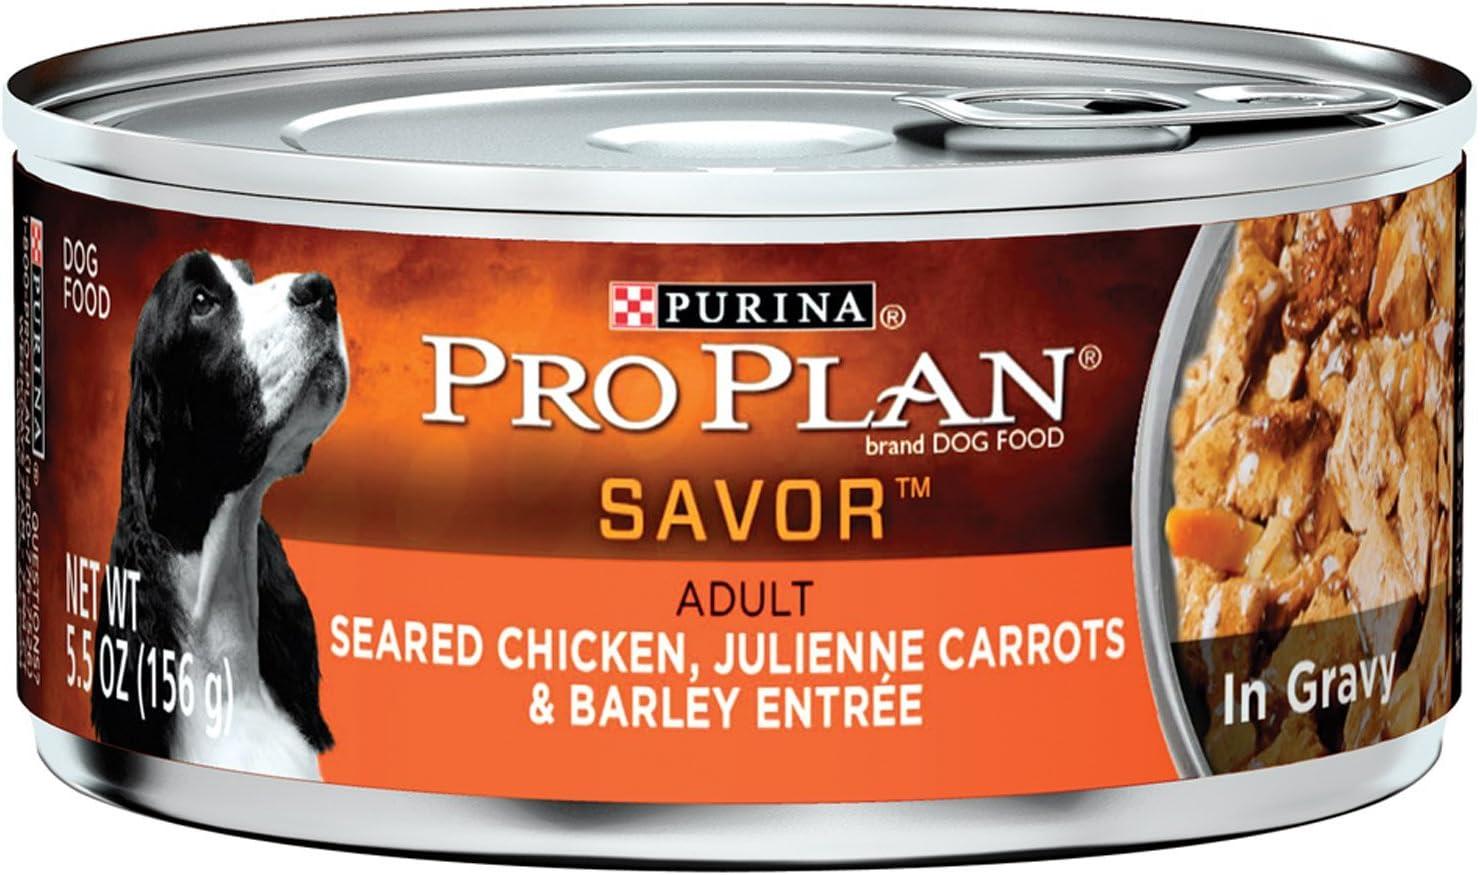 Purina Savor Beef/Lamb 5.5oz 24pk